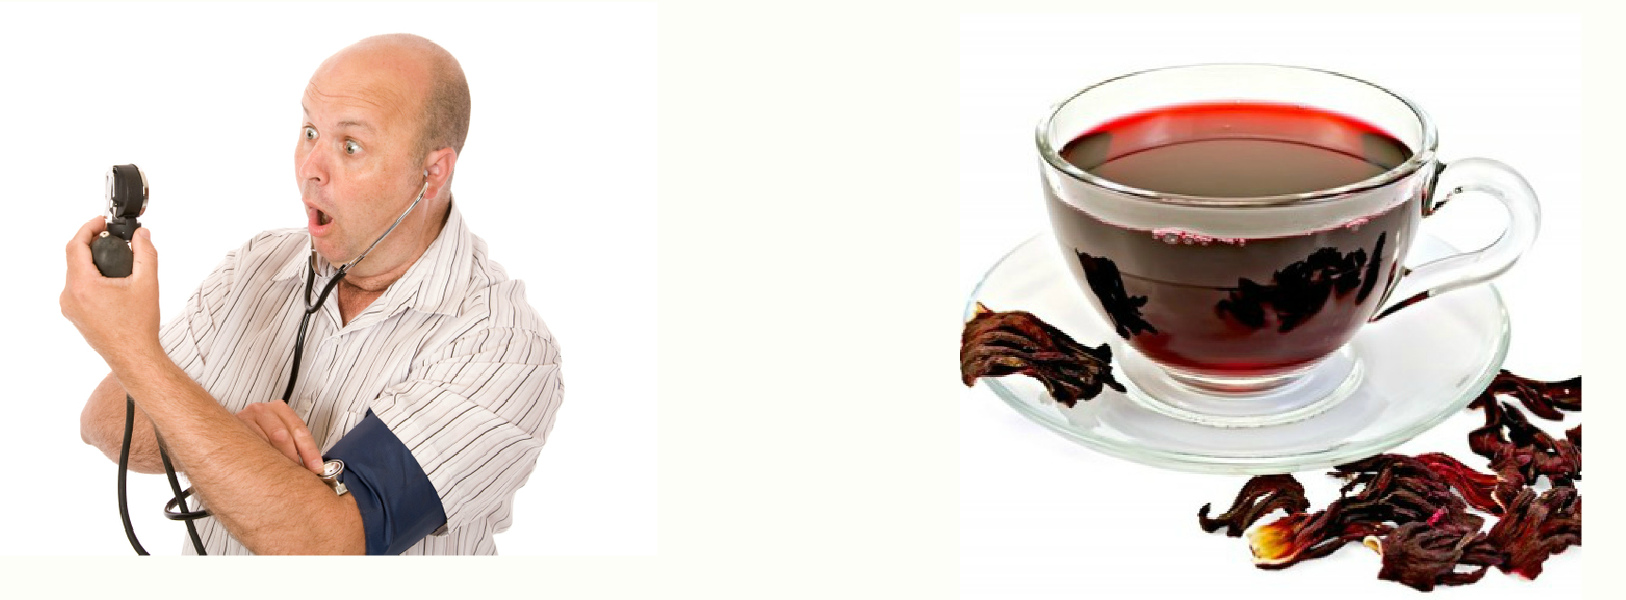 Чай каркаде повышает или понижает давление?